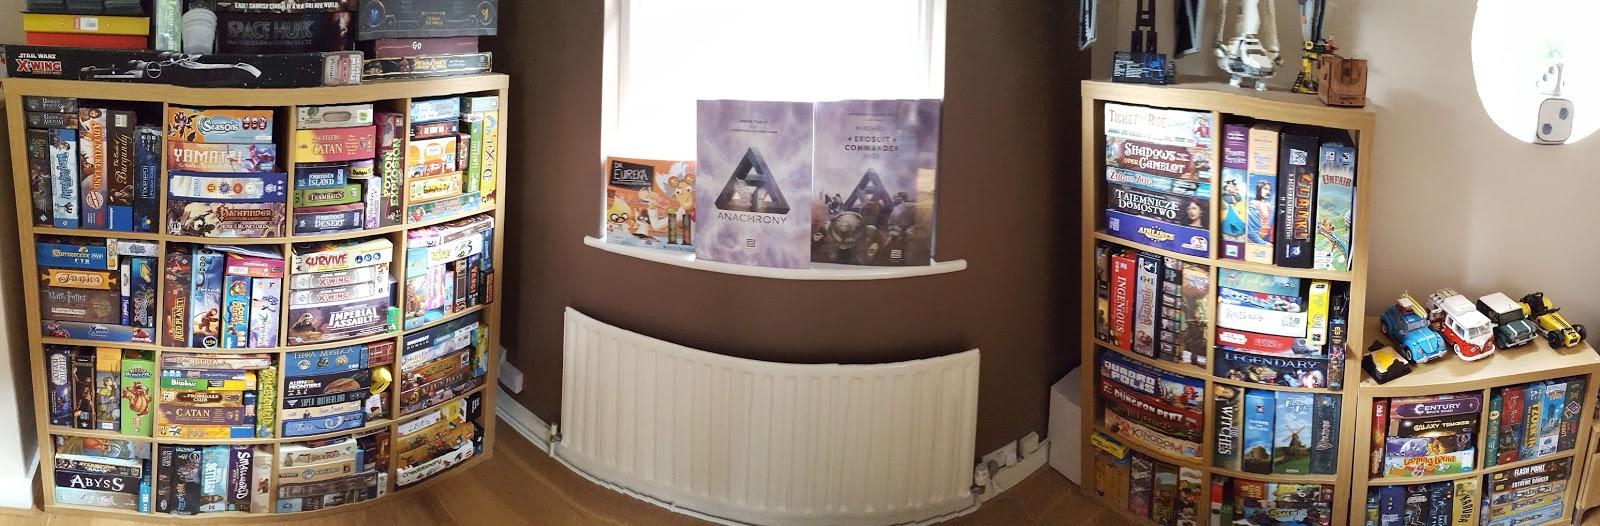 Awe Inspiring The Game Shelf Our Sagging Game Shelves Download Free Architecture Designs Scobabritishbridgeorg